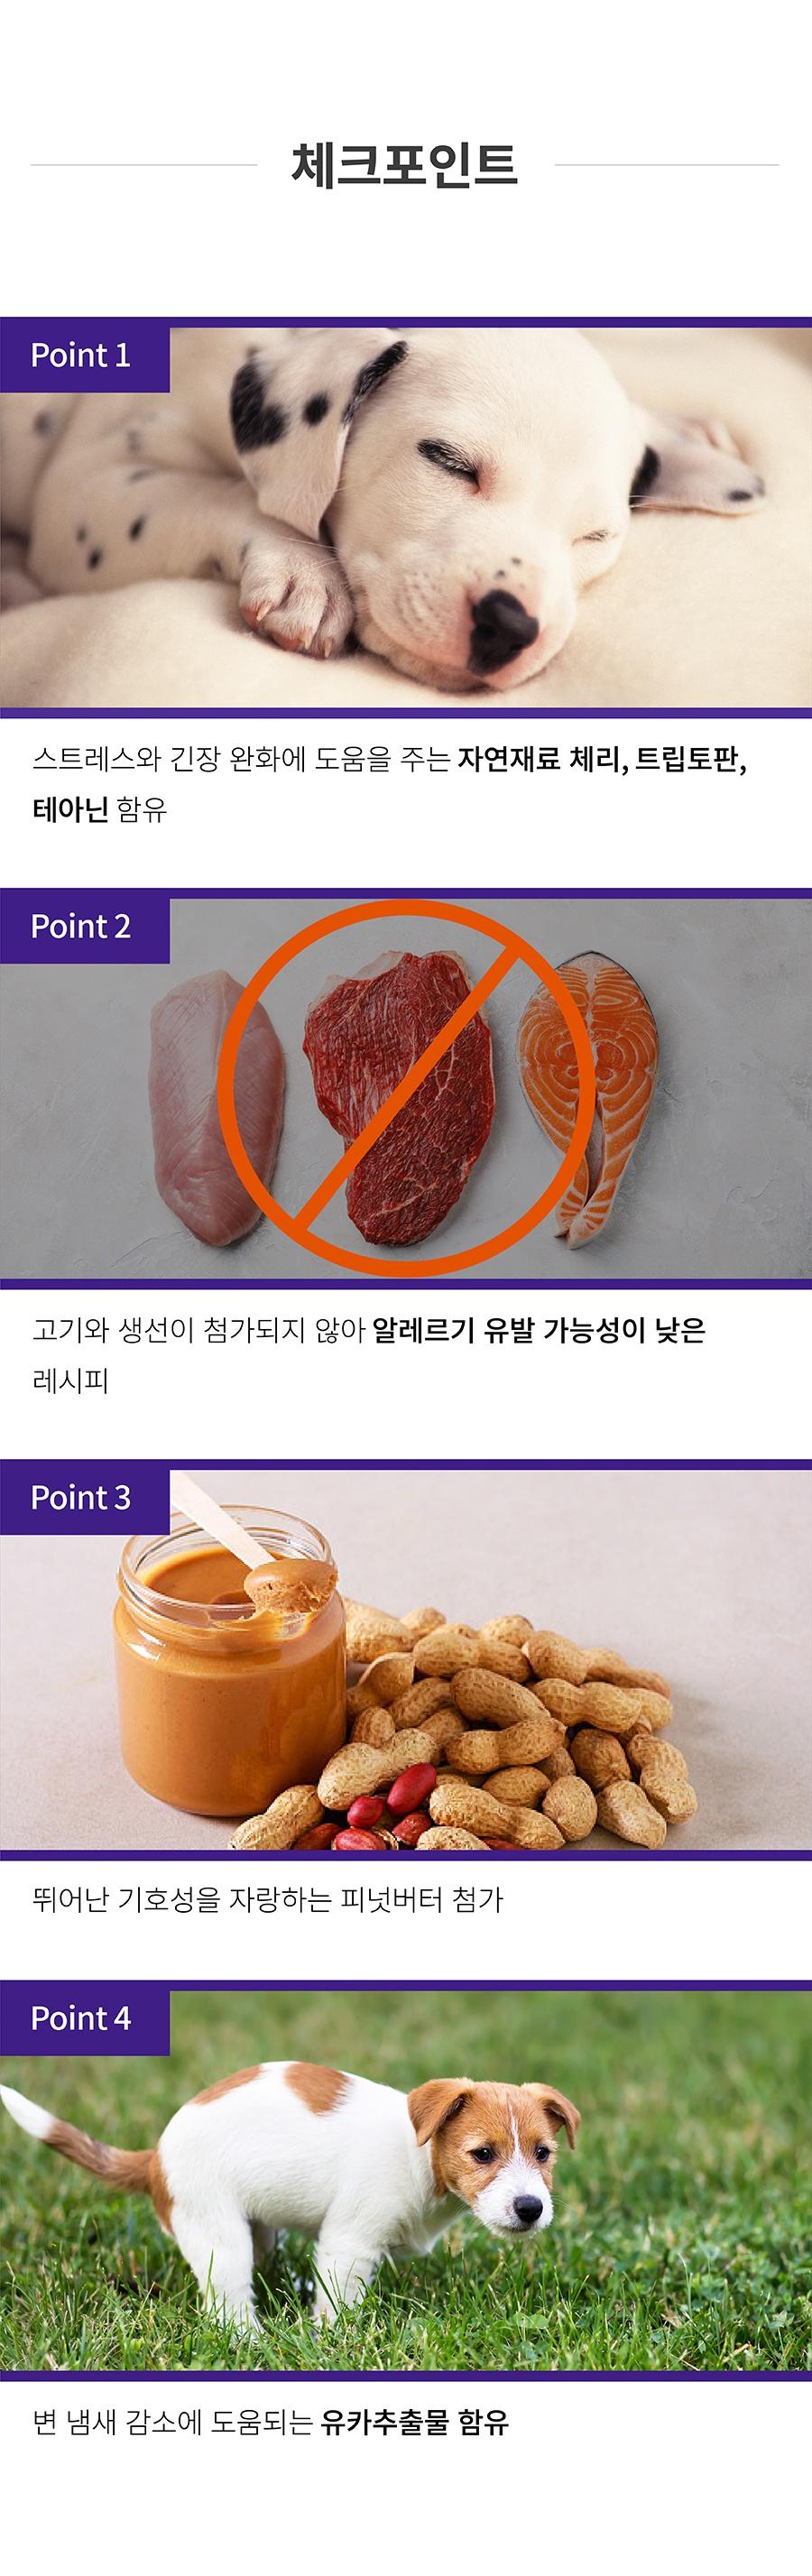 [오구오구특가]닥터설 비스킷 릴렉스-상품이미지-5